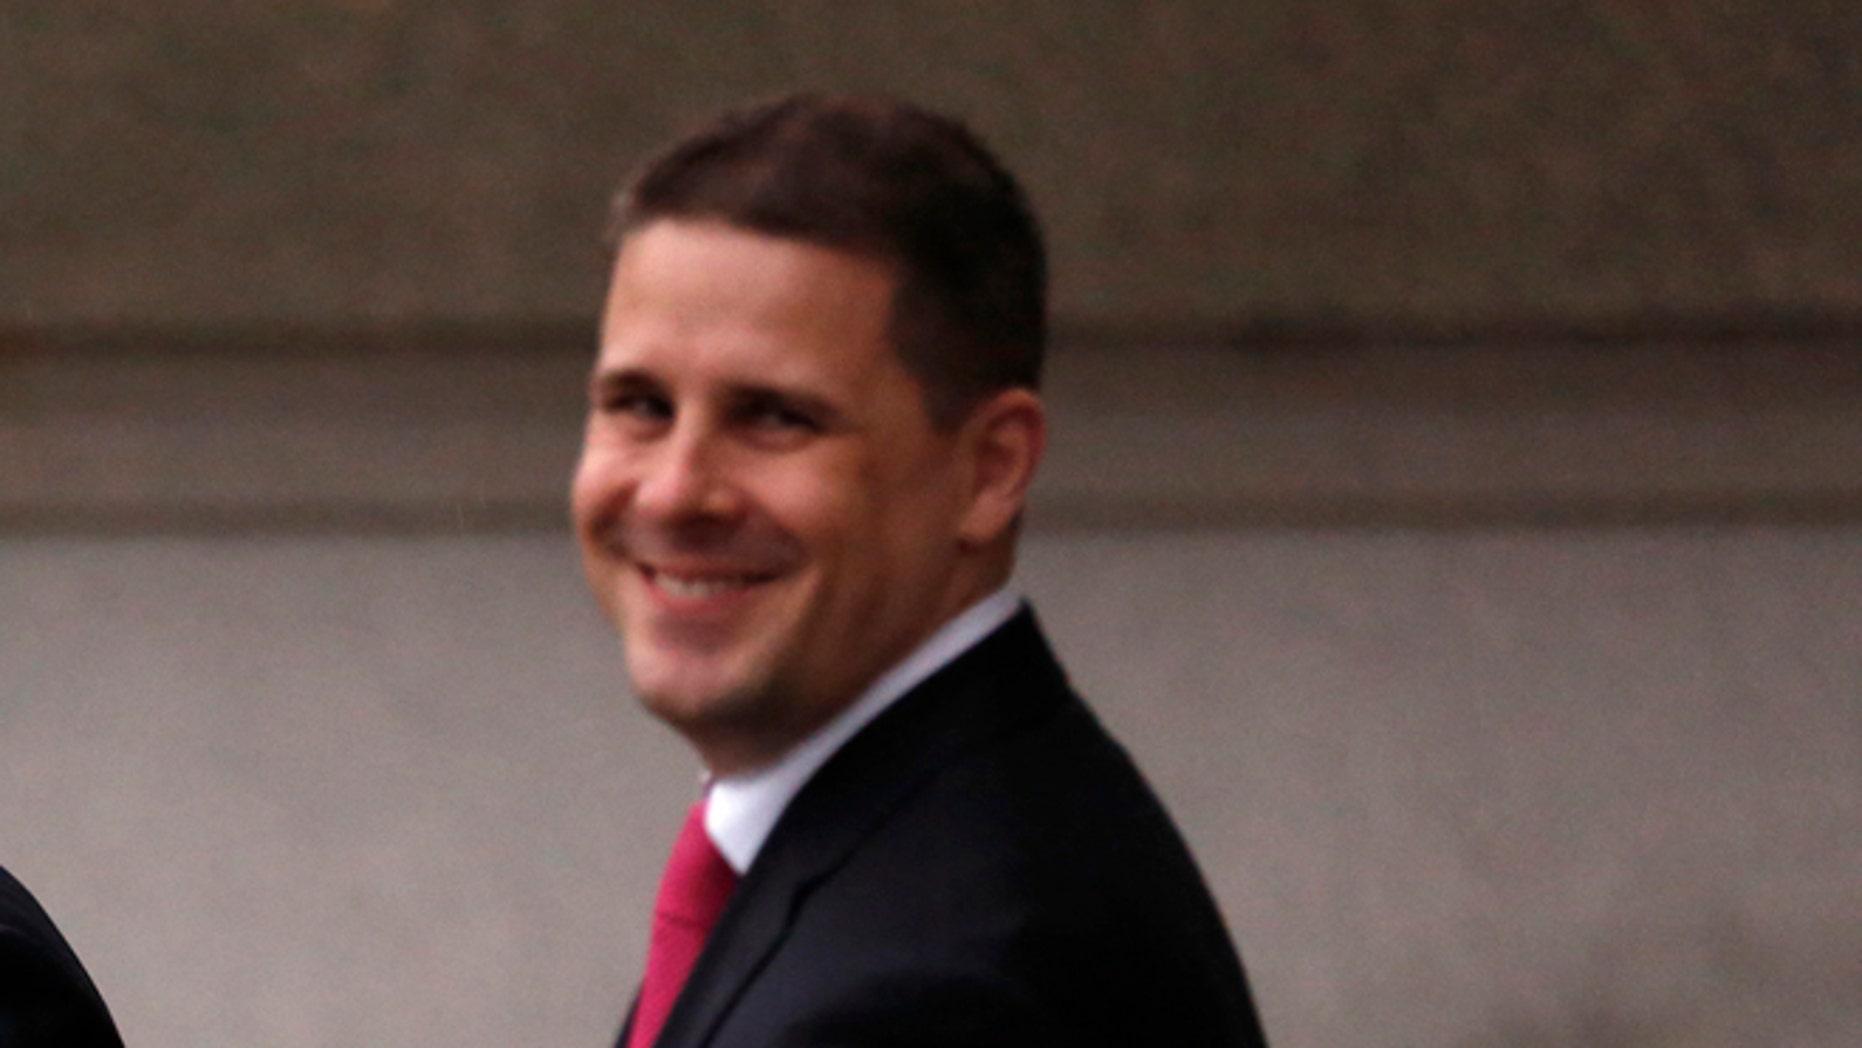 FILE: Jan. 16, 2013: White House adviser Dan Pfeiffer near the White House, in Washington, D.C.